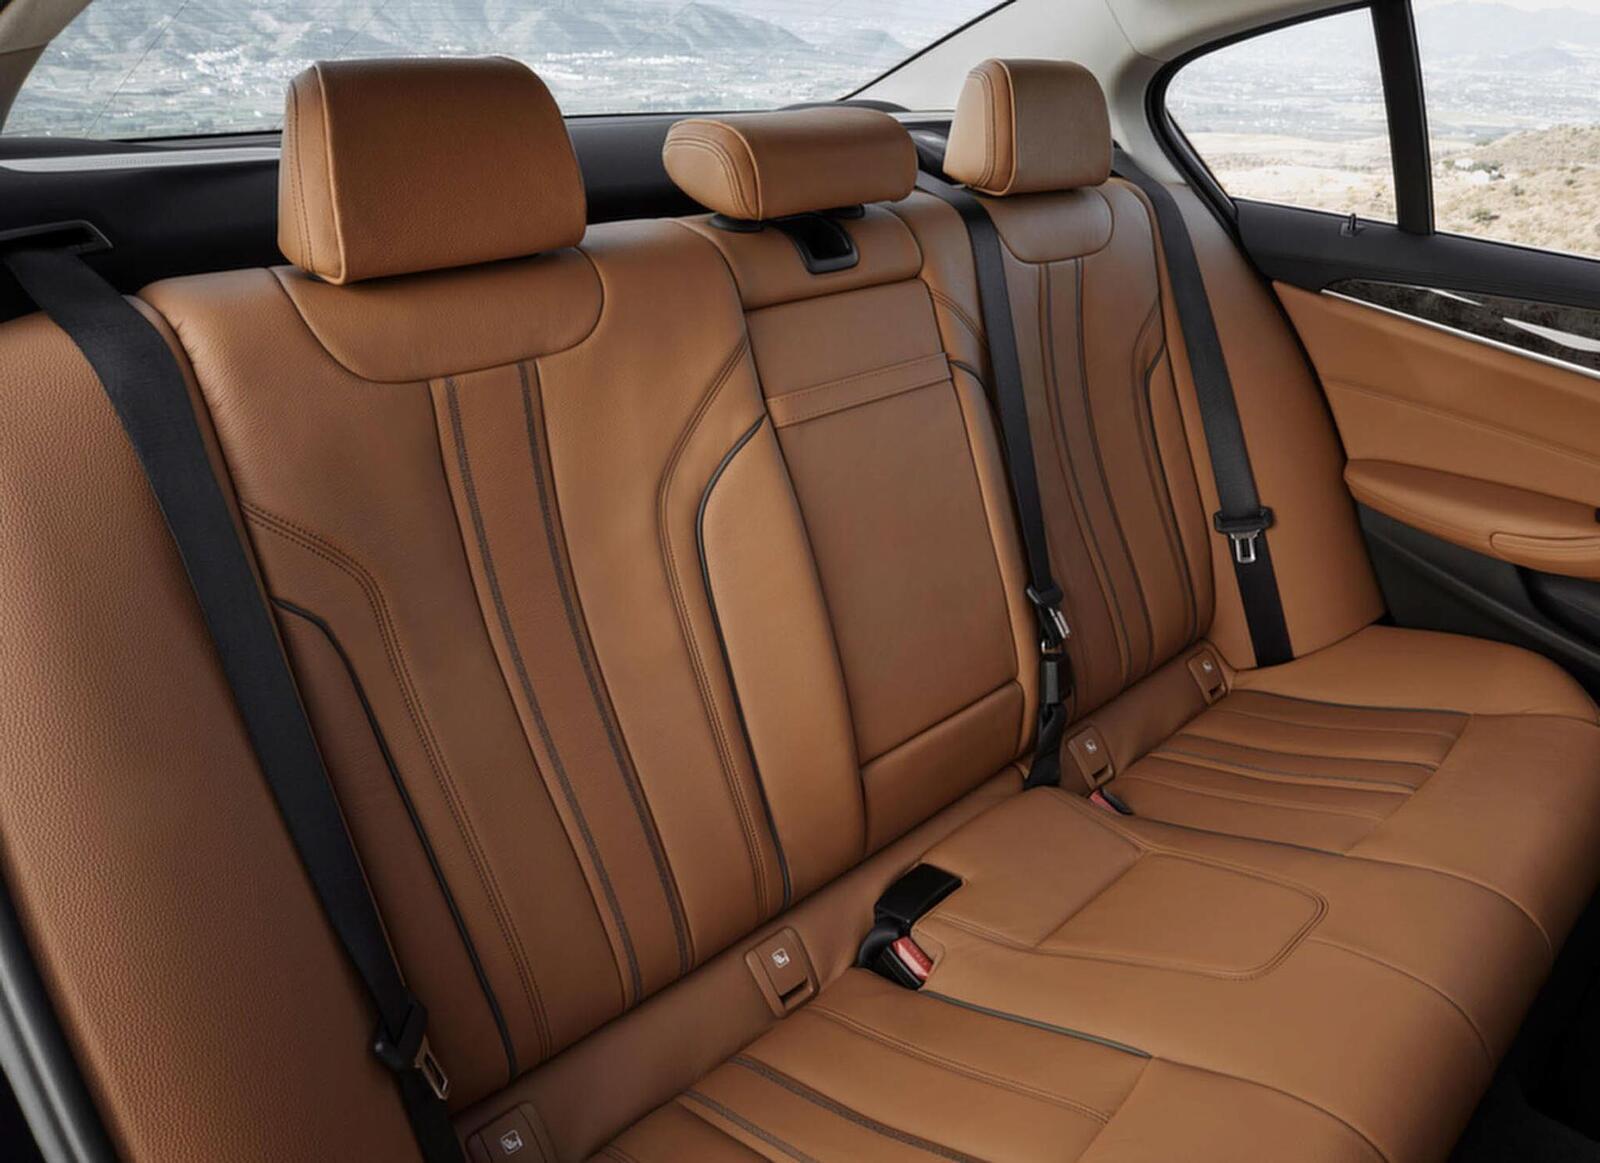 Lộ giá bán của BMW 520i và 530i thế hệ mới tại Việt Nam; từ 2,389 đến 3,069 tỷ đồng - Hình 12